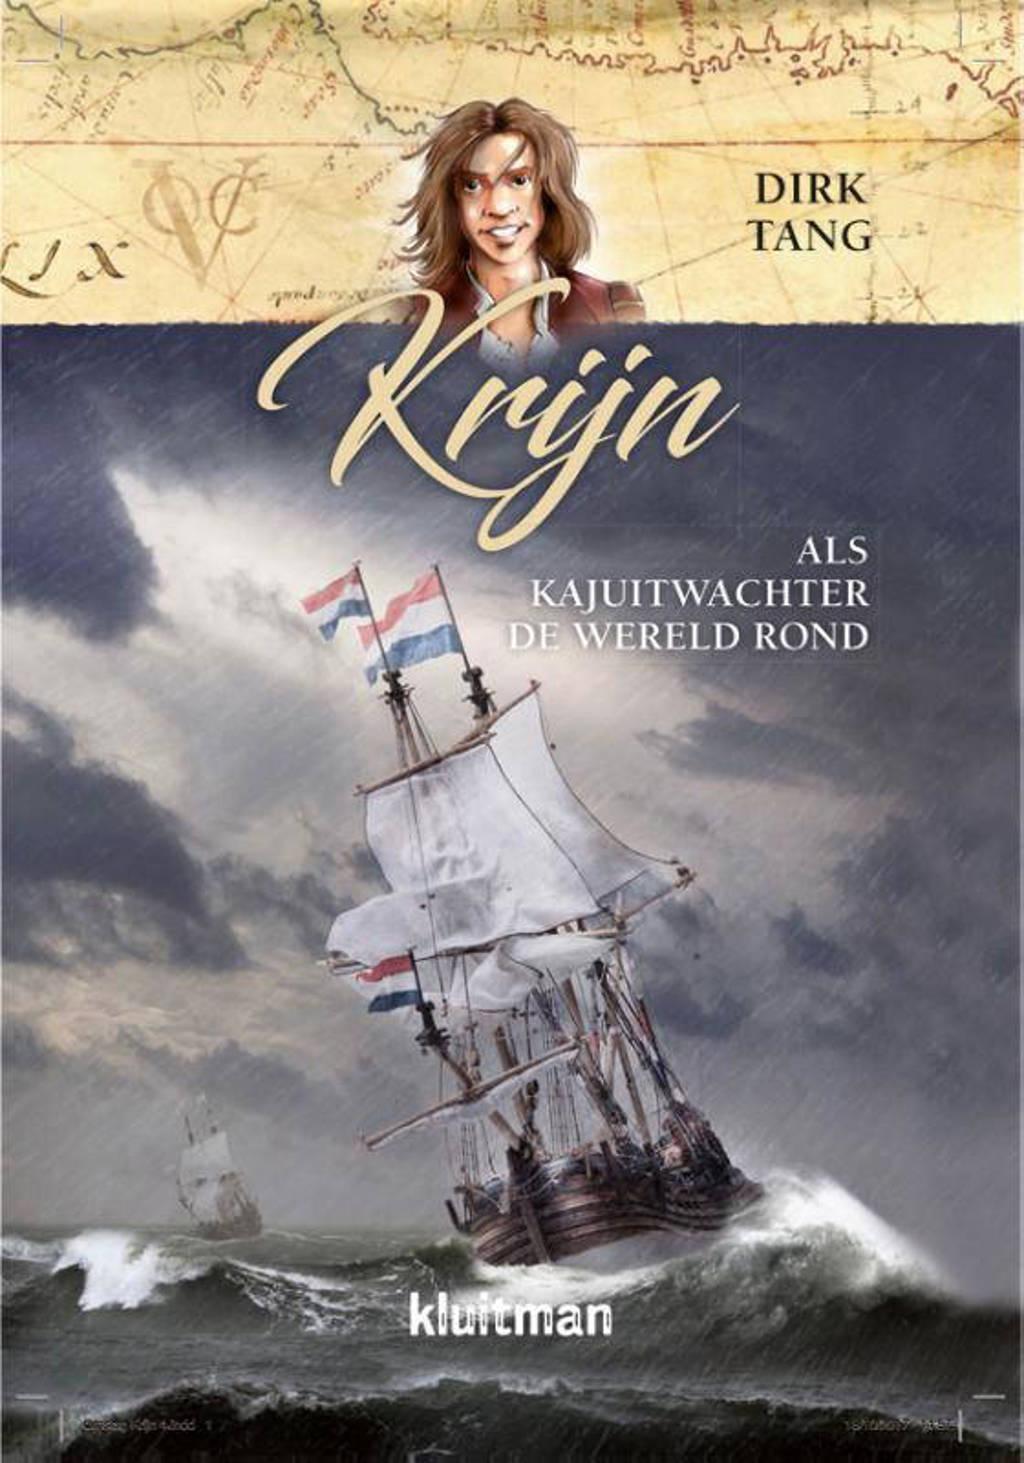 Krijn - Dirk Tang